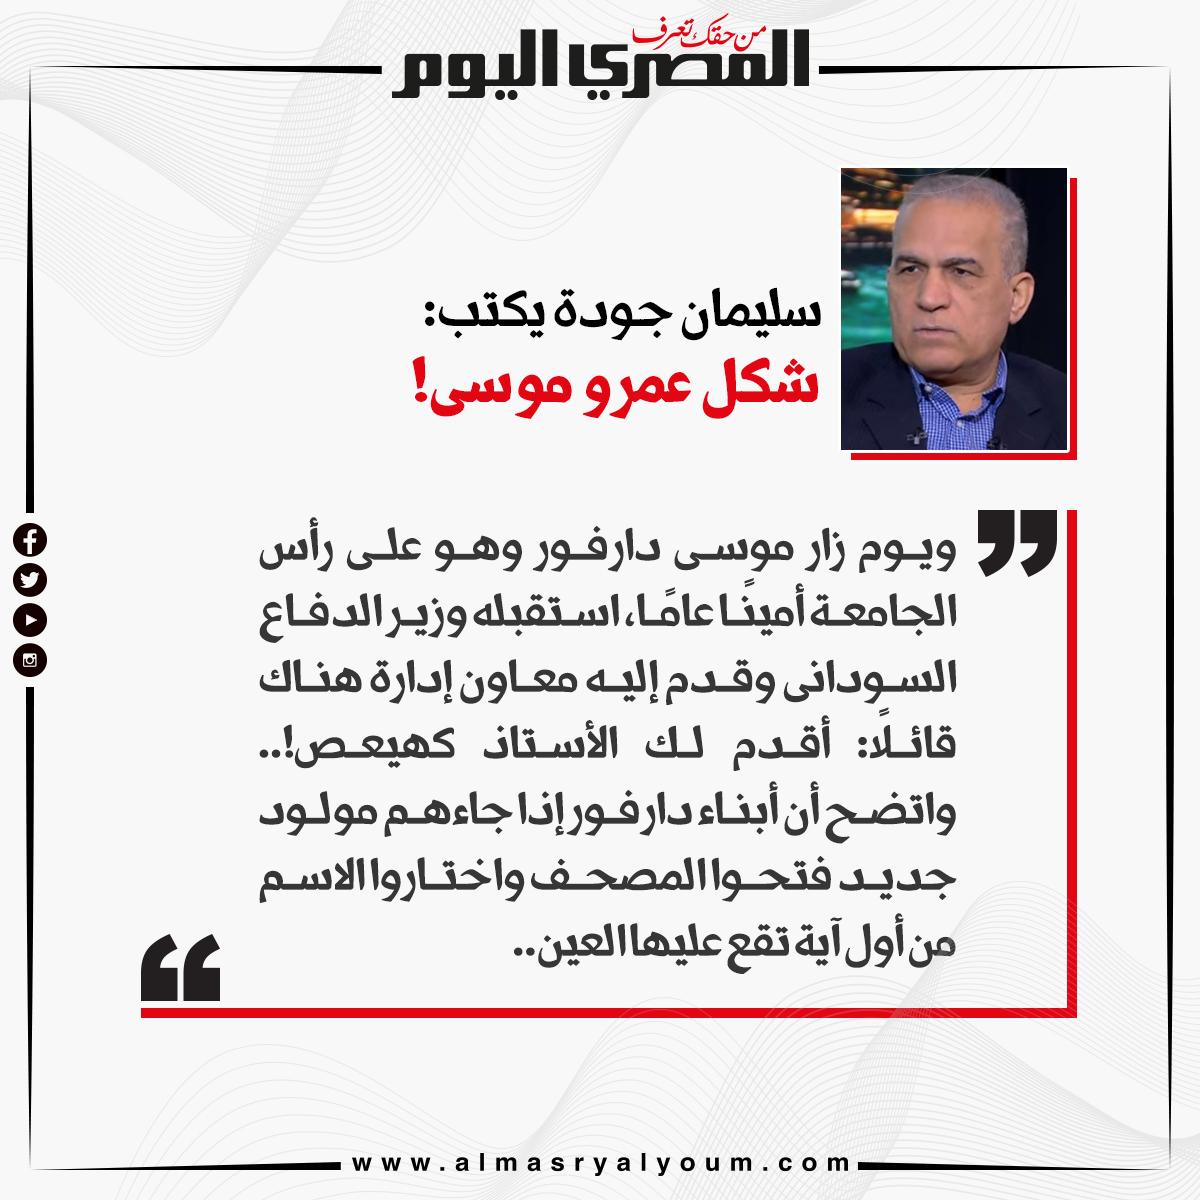 سليمان جودة يكتب شكل عمرو موسى!